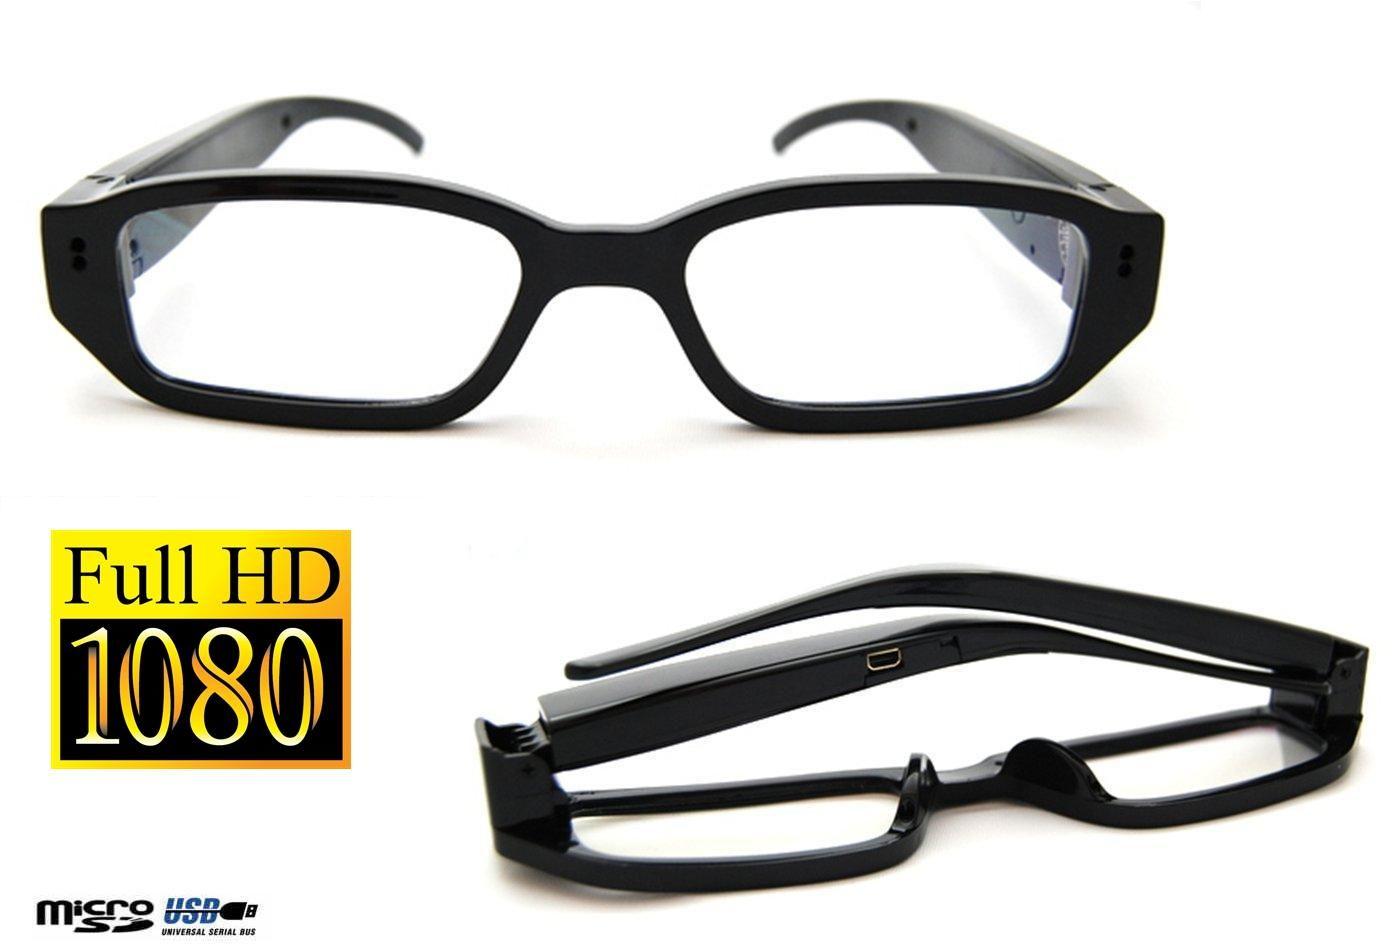 Szpiegowskie Okulary FULL HD (zerówki), Nagrywające Obraz i Dźwięk + Aparat Foto... + Akcesoria.